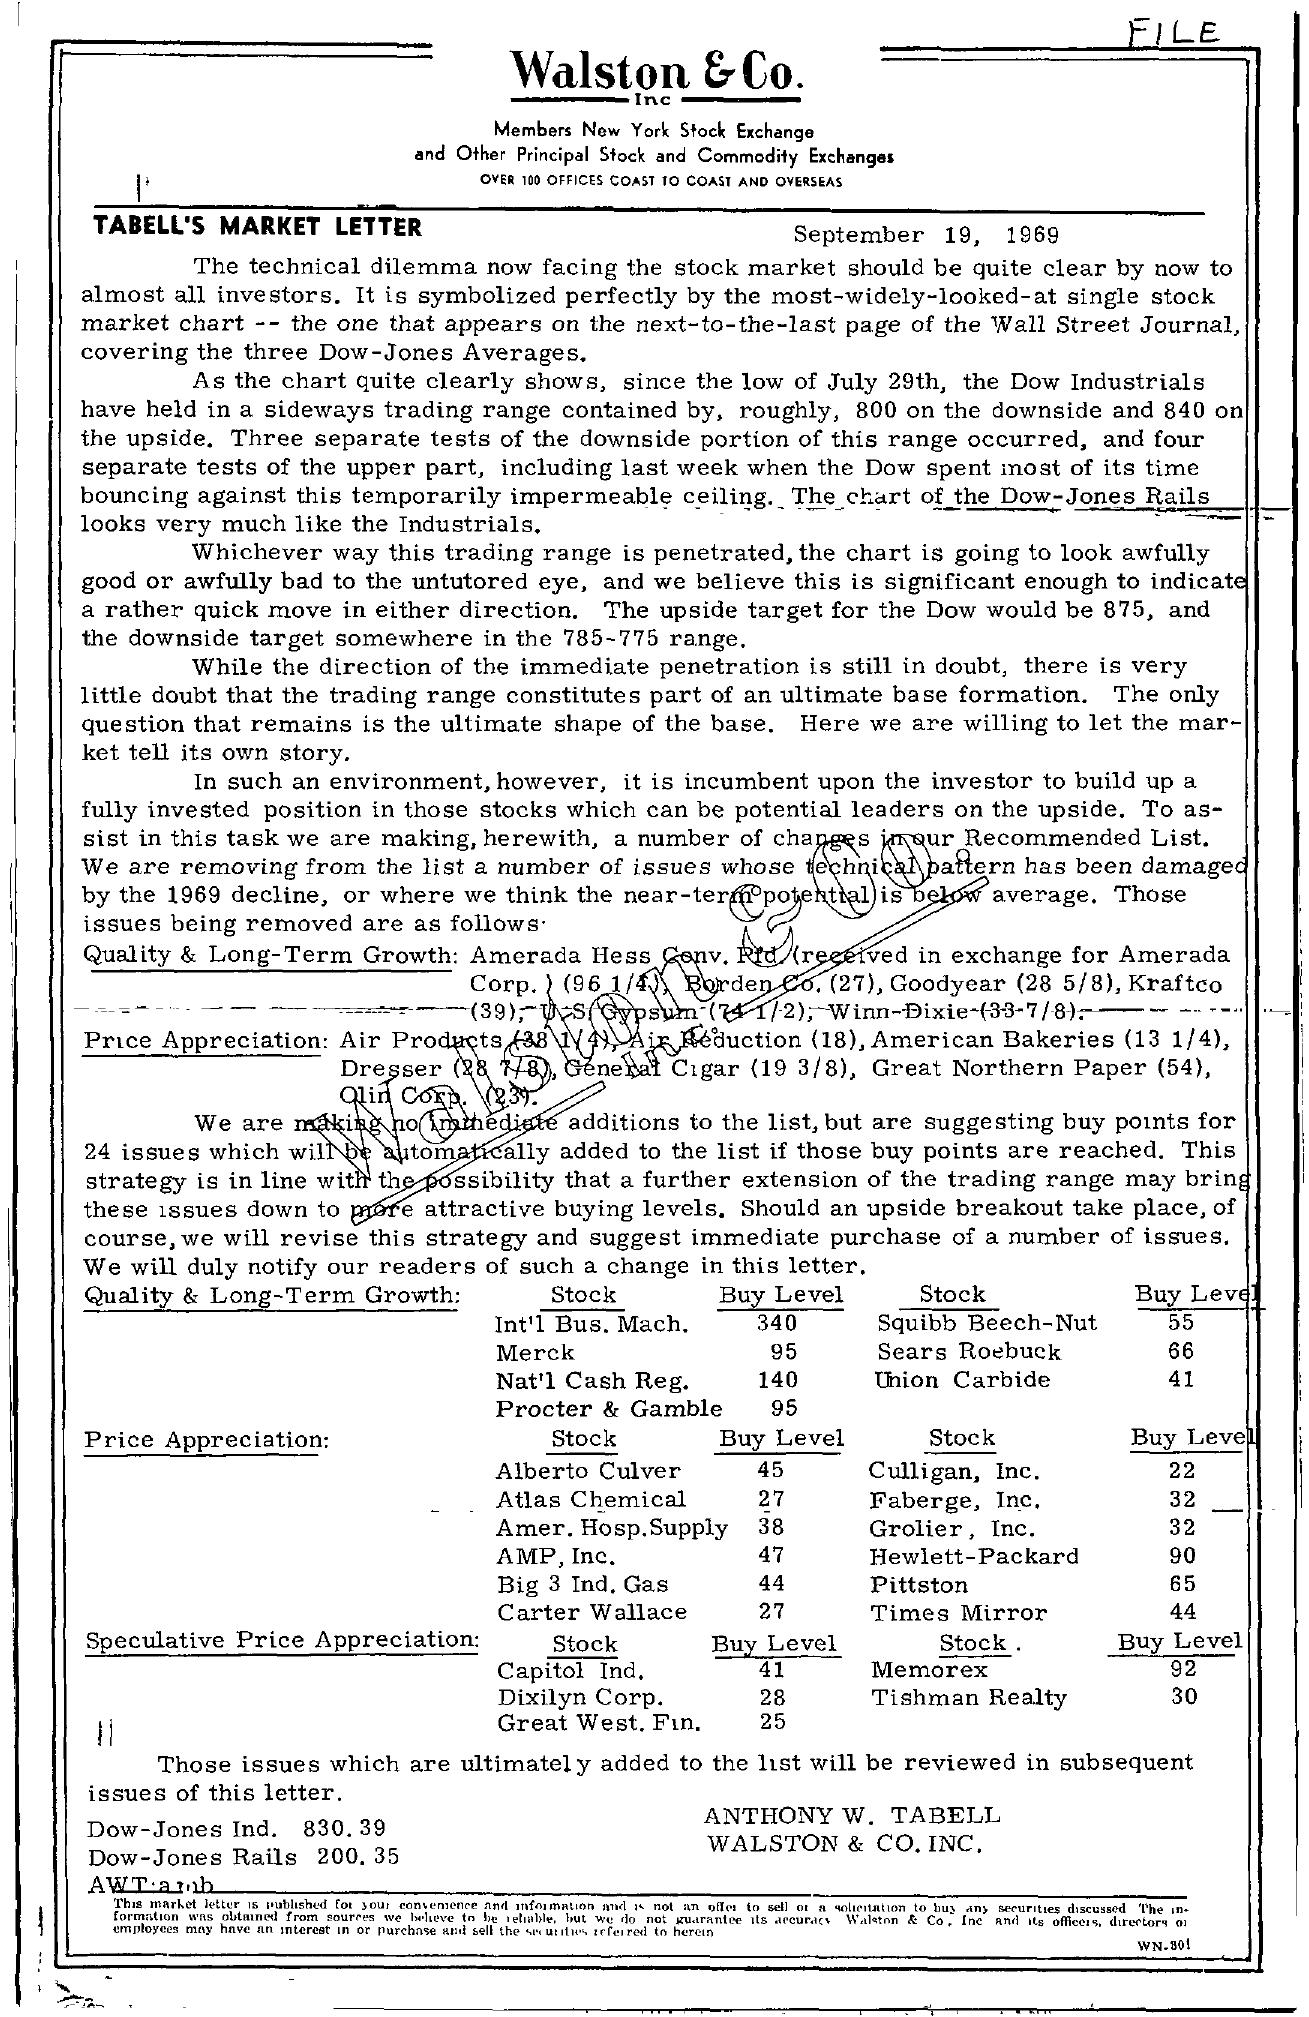 Tabell's Market Letter - September 19, 1969